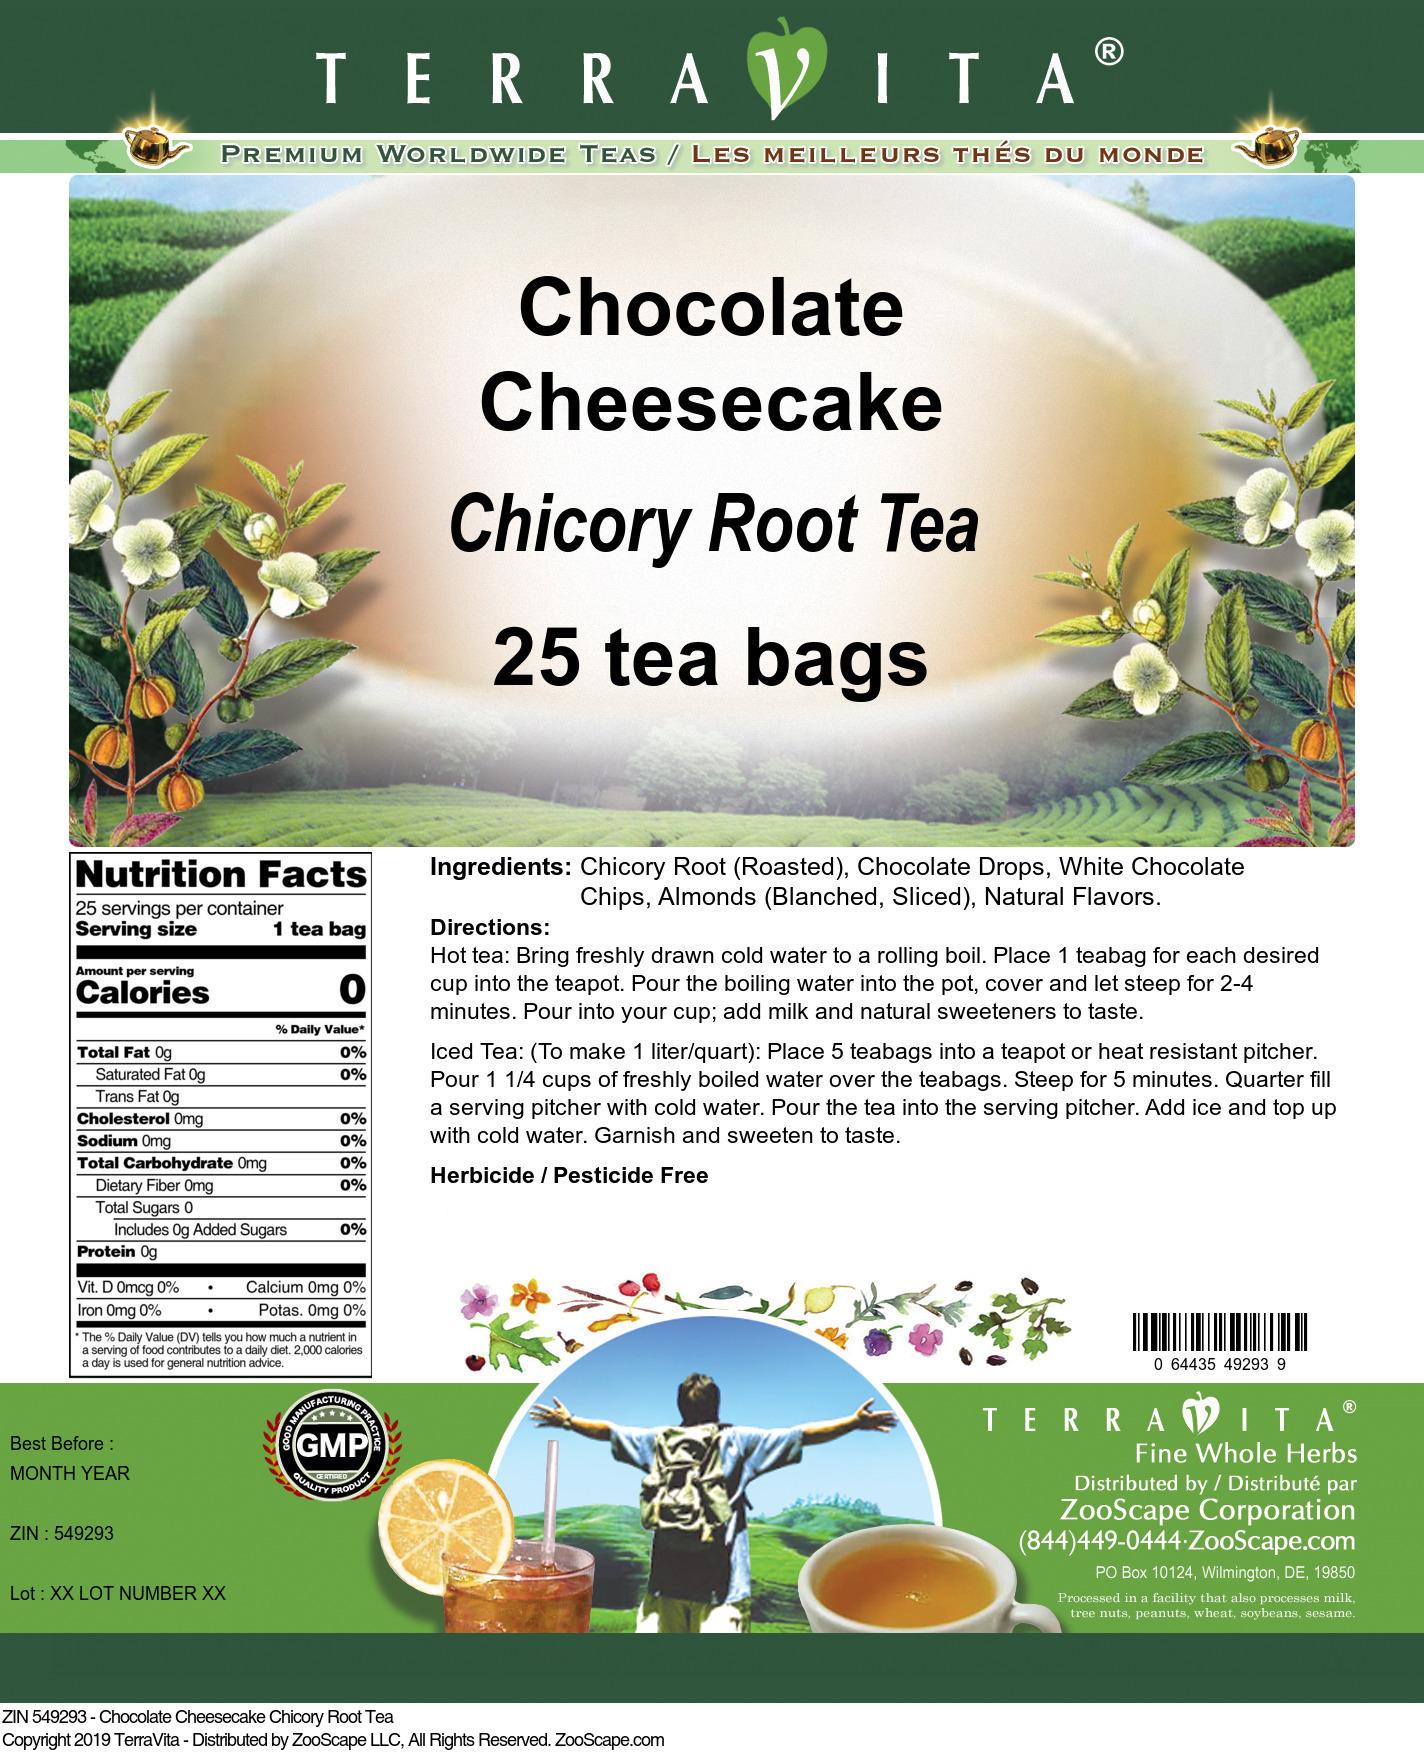 Chocolate Cheesecake Chicory Root